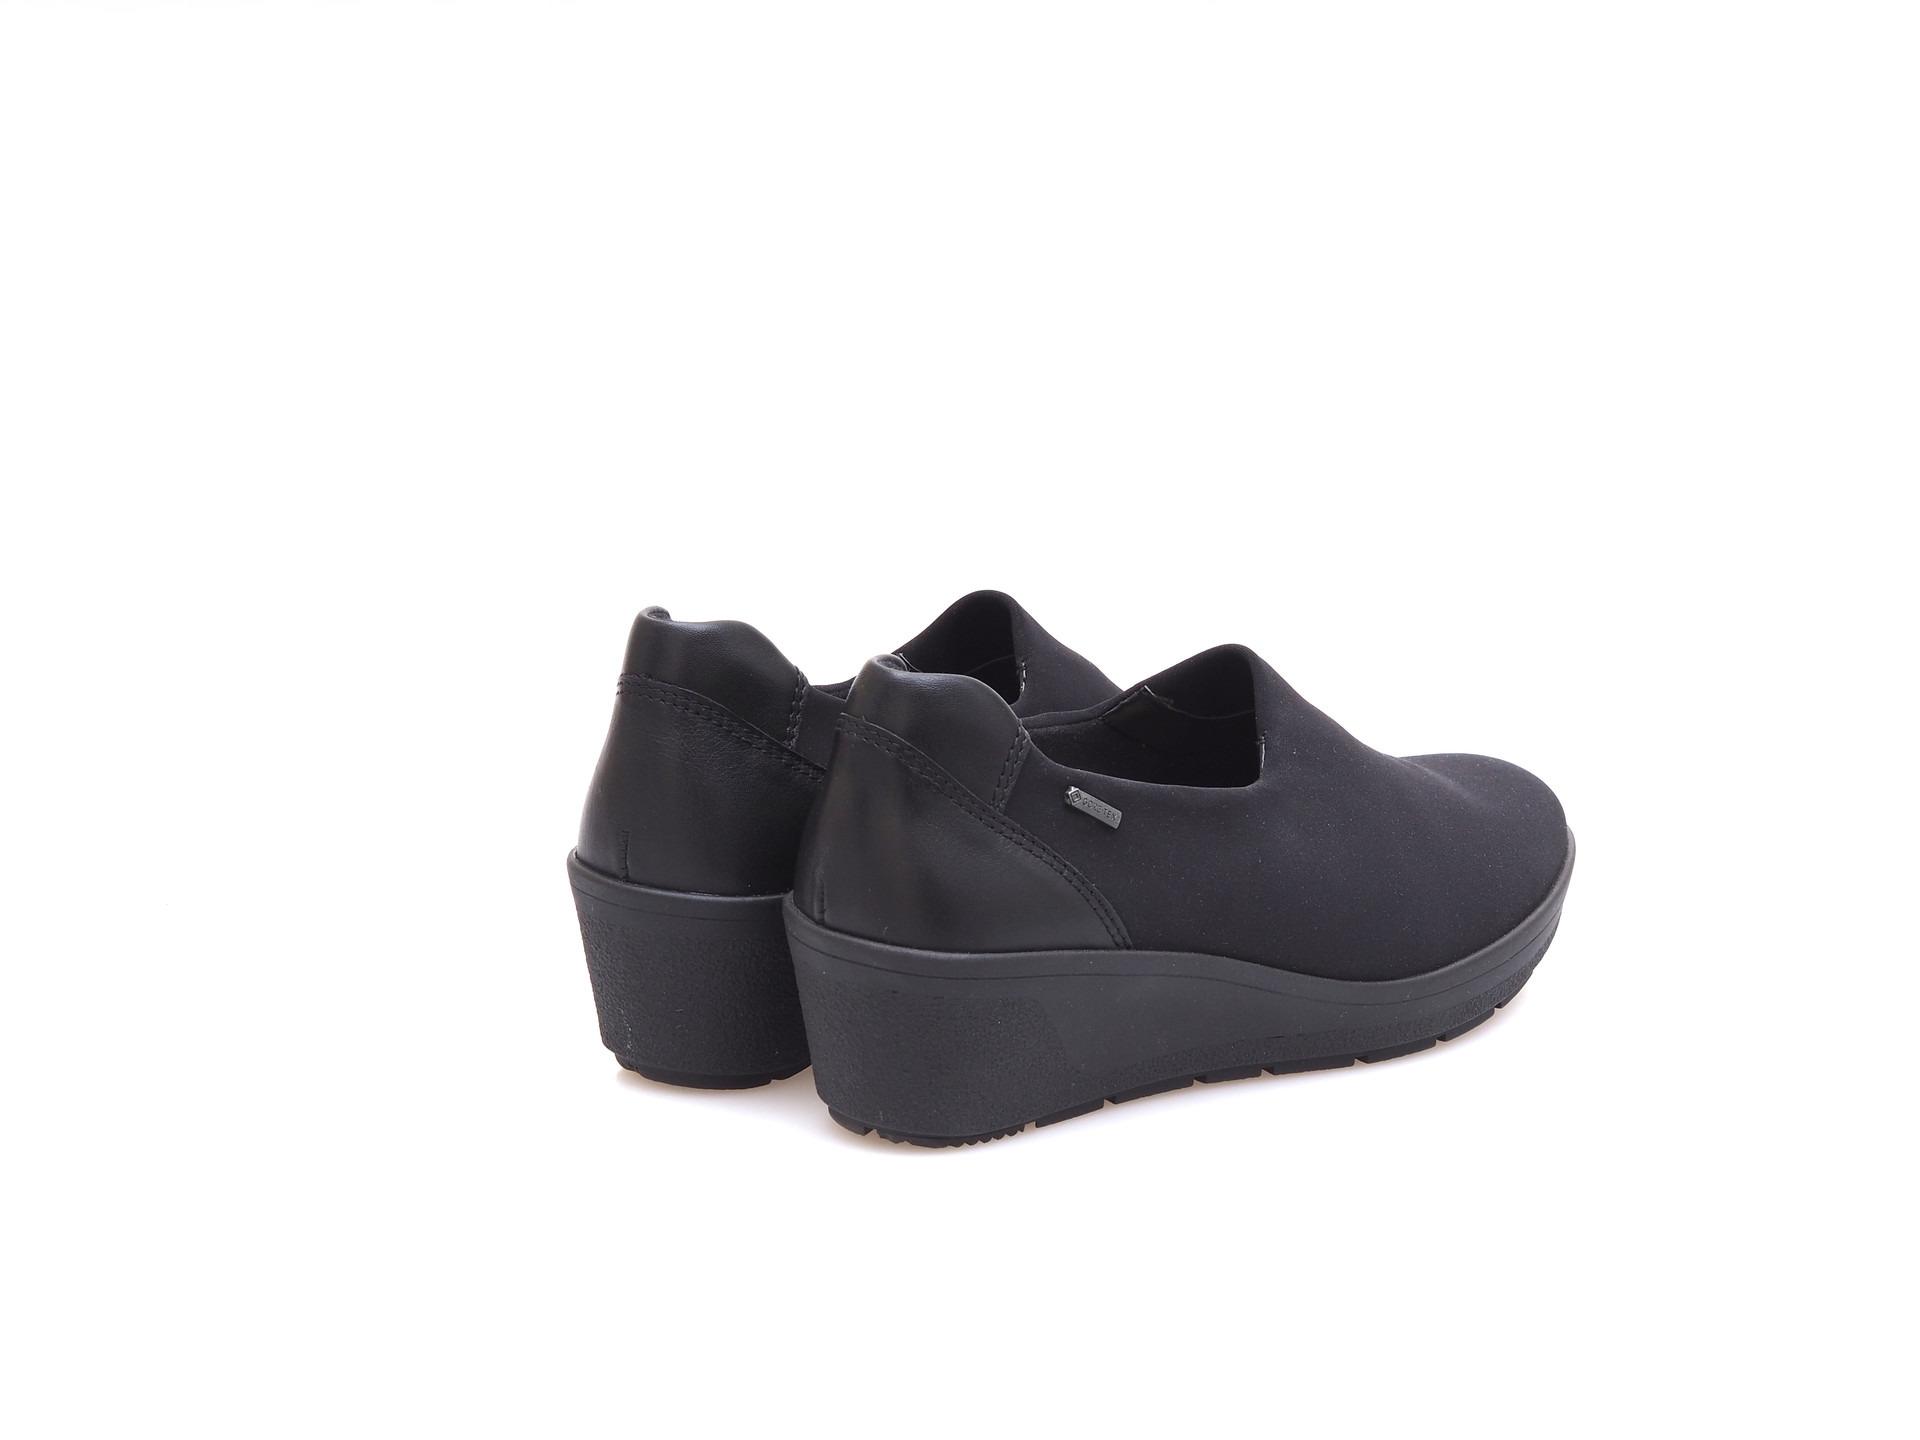 0010ff9230e0 ARA - Mokasíny - Dámska členková obuv Gore- Tex značky Ara